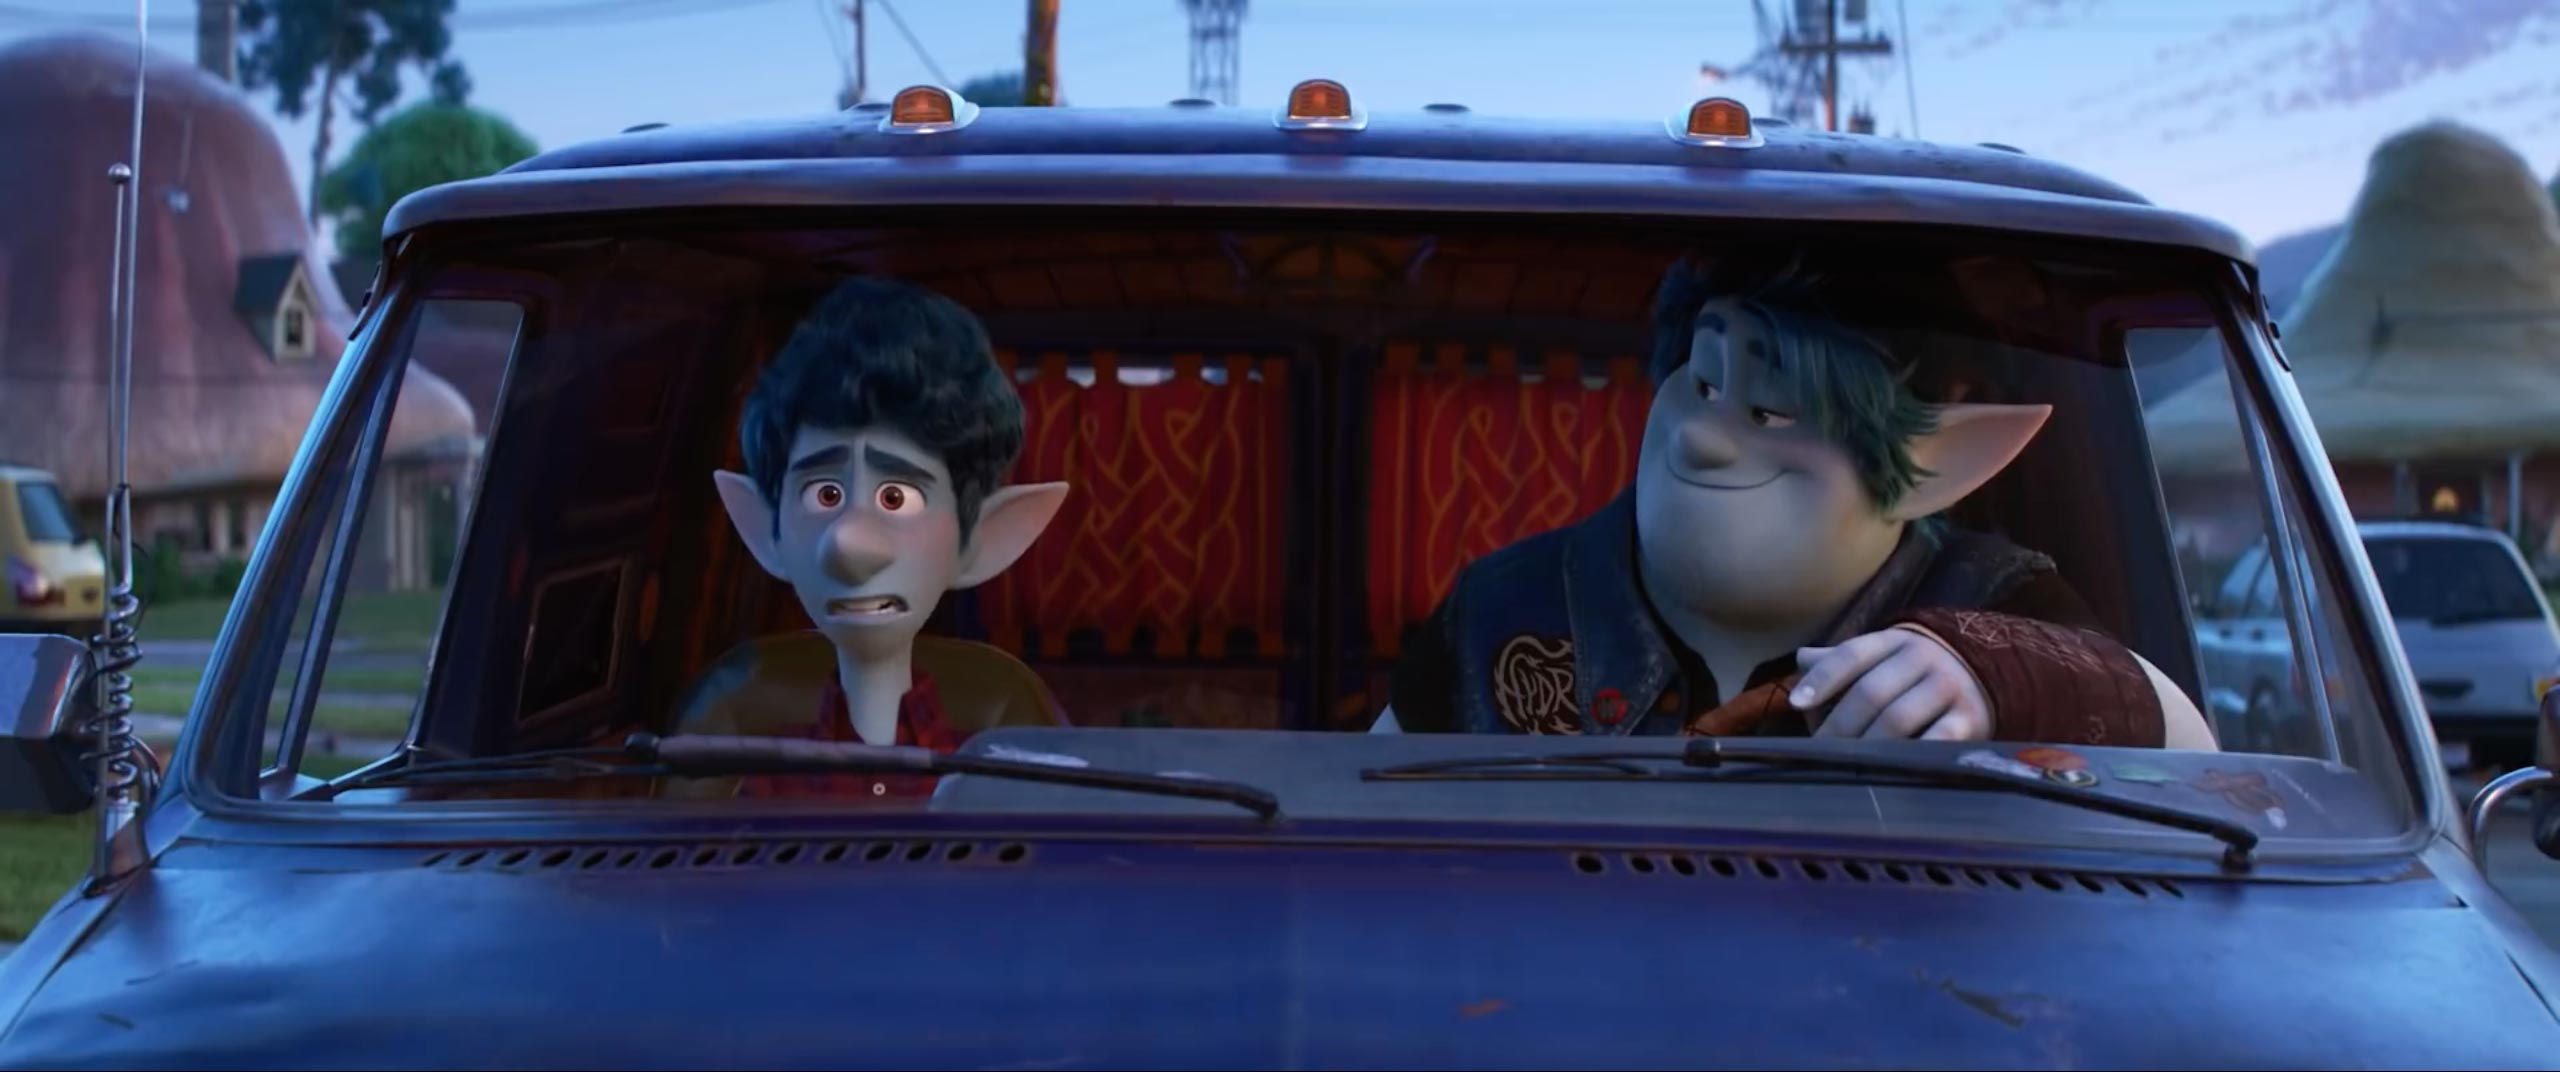 Onward il film Pixar